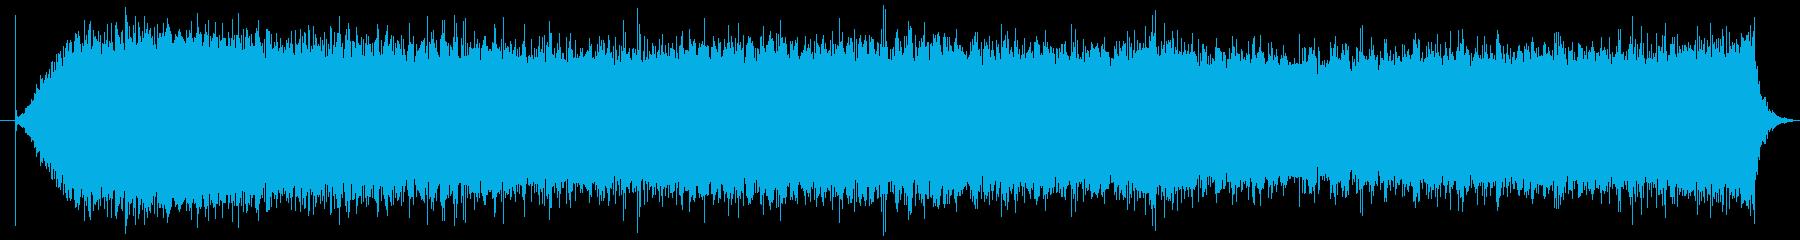 ハンドヘルドヘアドライヤー:スター...の再生済みの波形